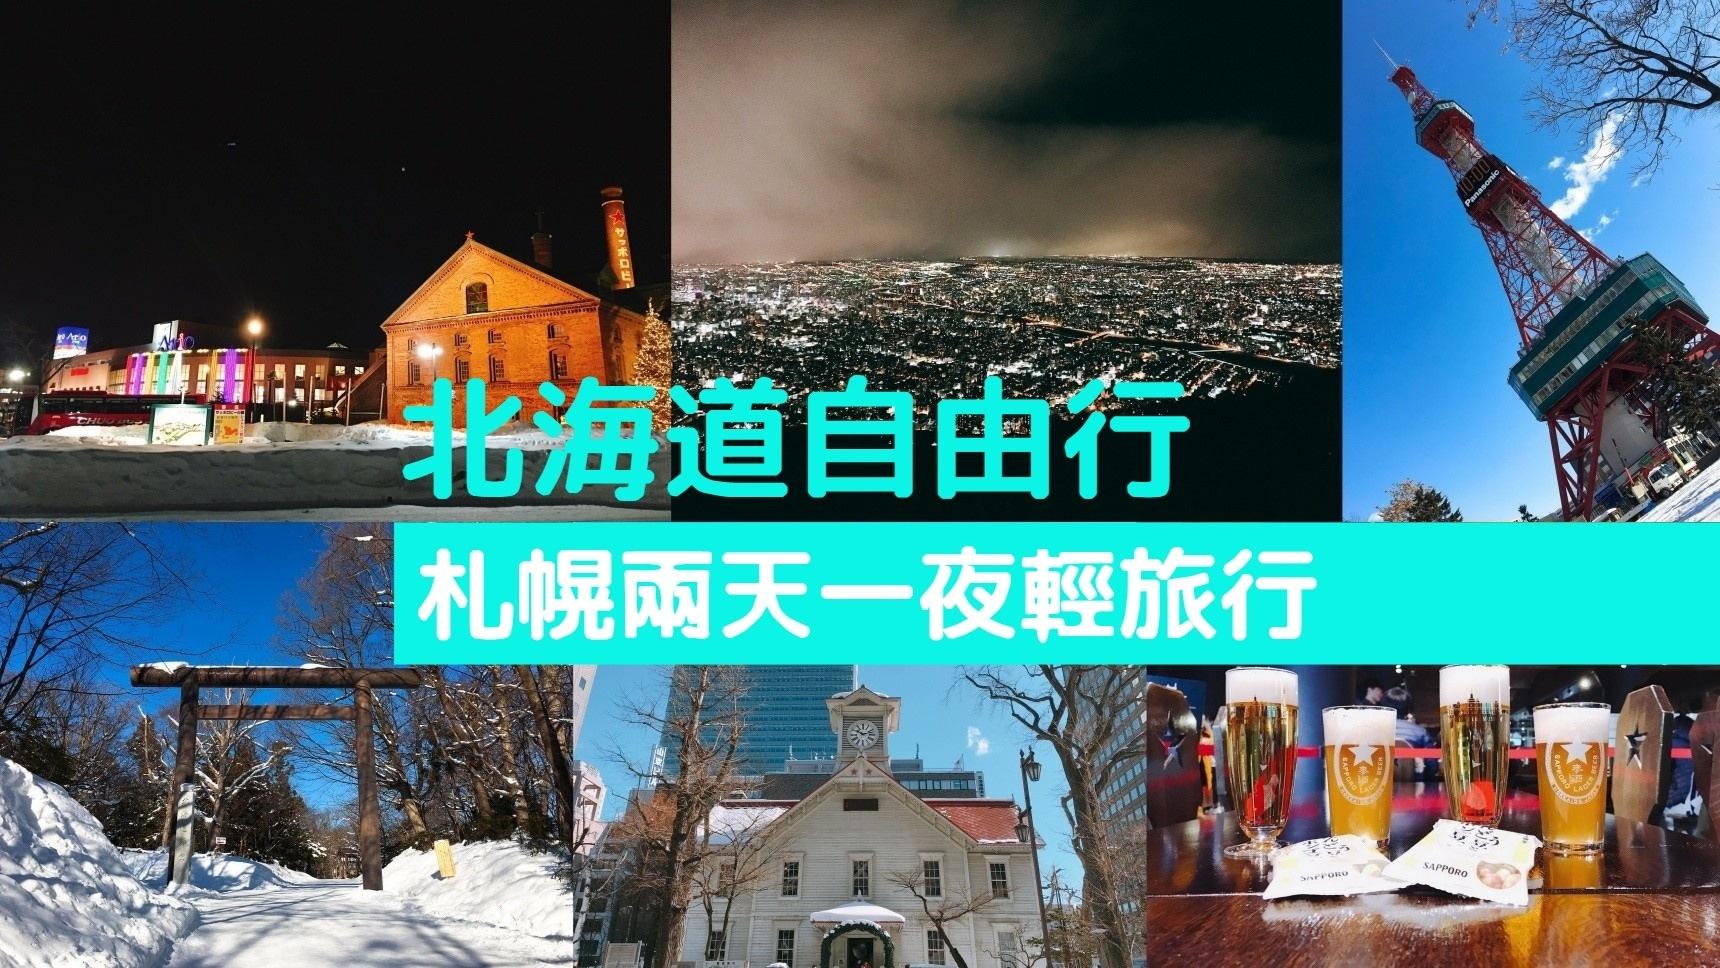 【北海道自由行】從東京前進札幌!北海道兩天一夜輕旅行